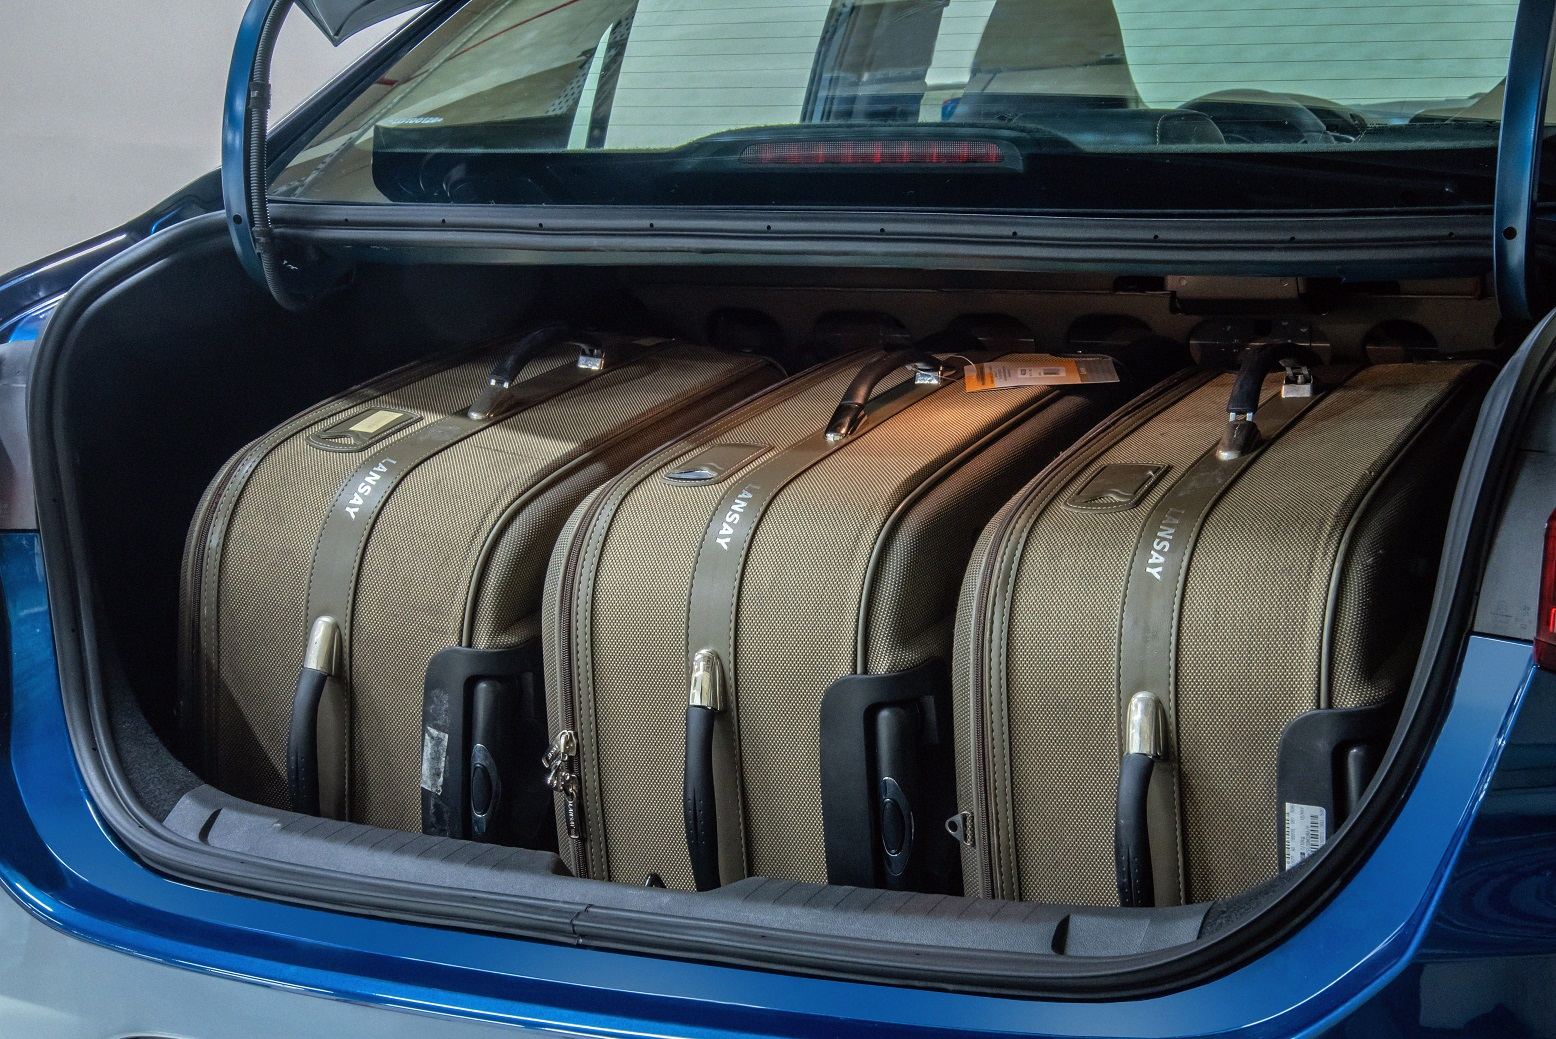 Porta-malas aberto mostra três malas grandes acomodadas no espaço